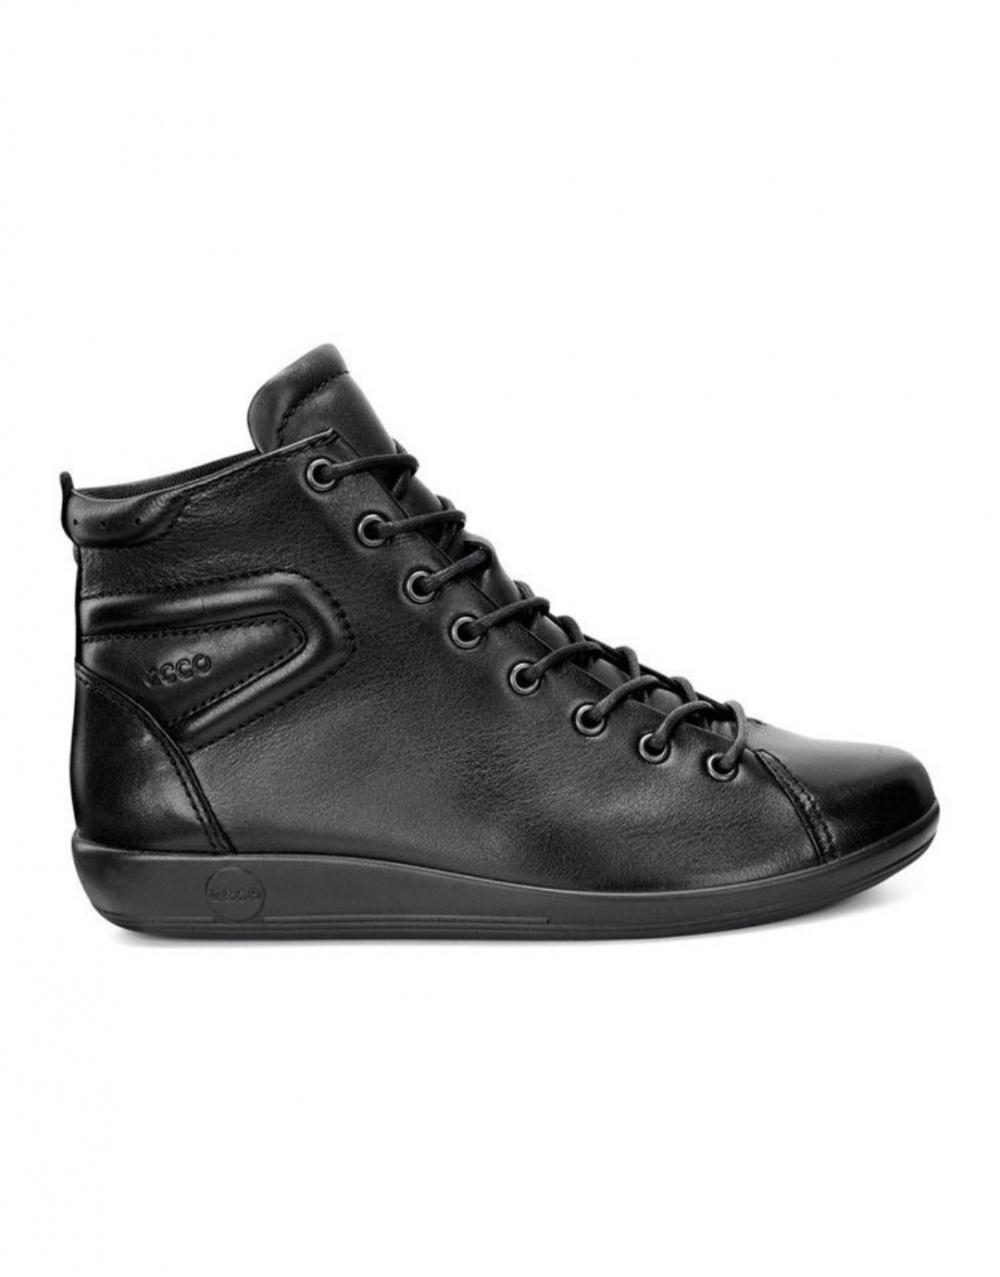 Ботинки Ecco, размер 38